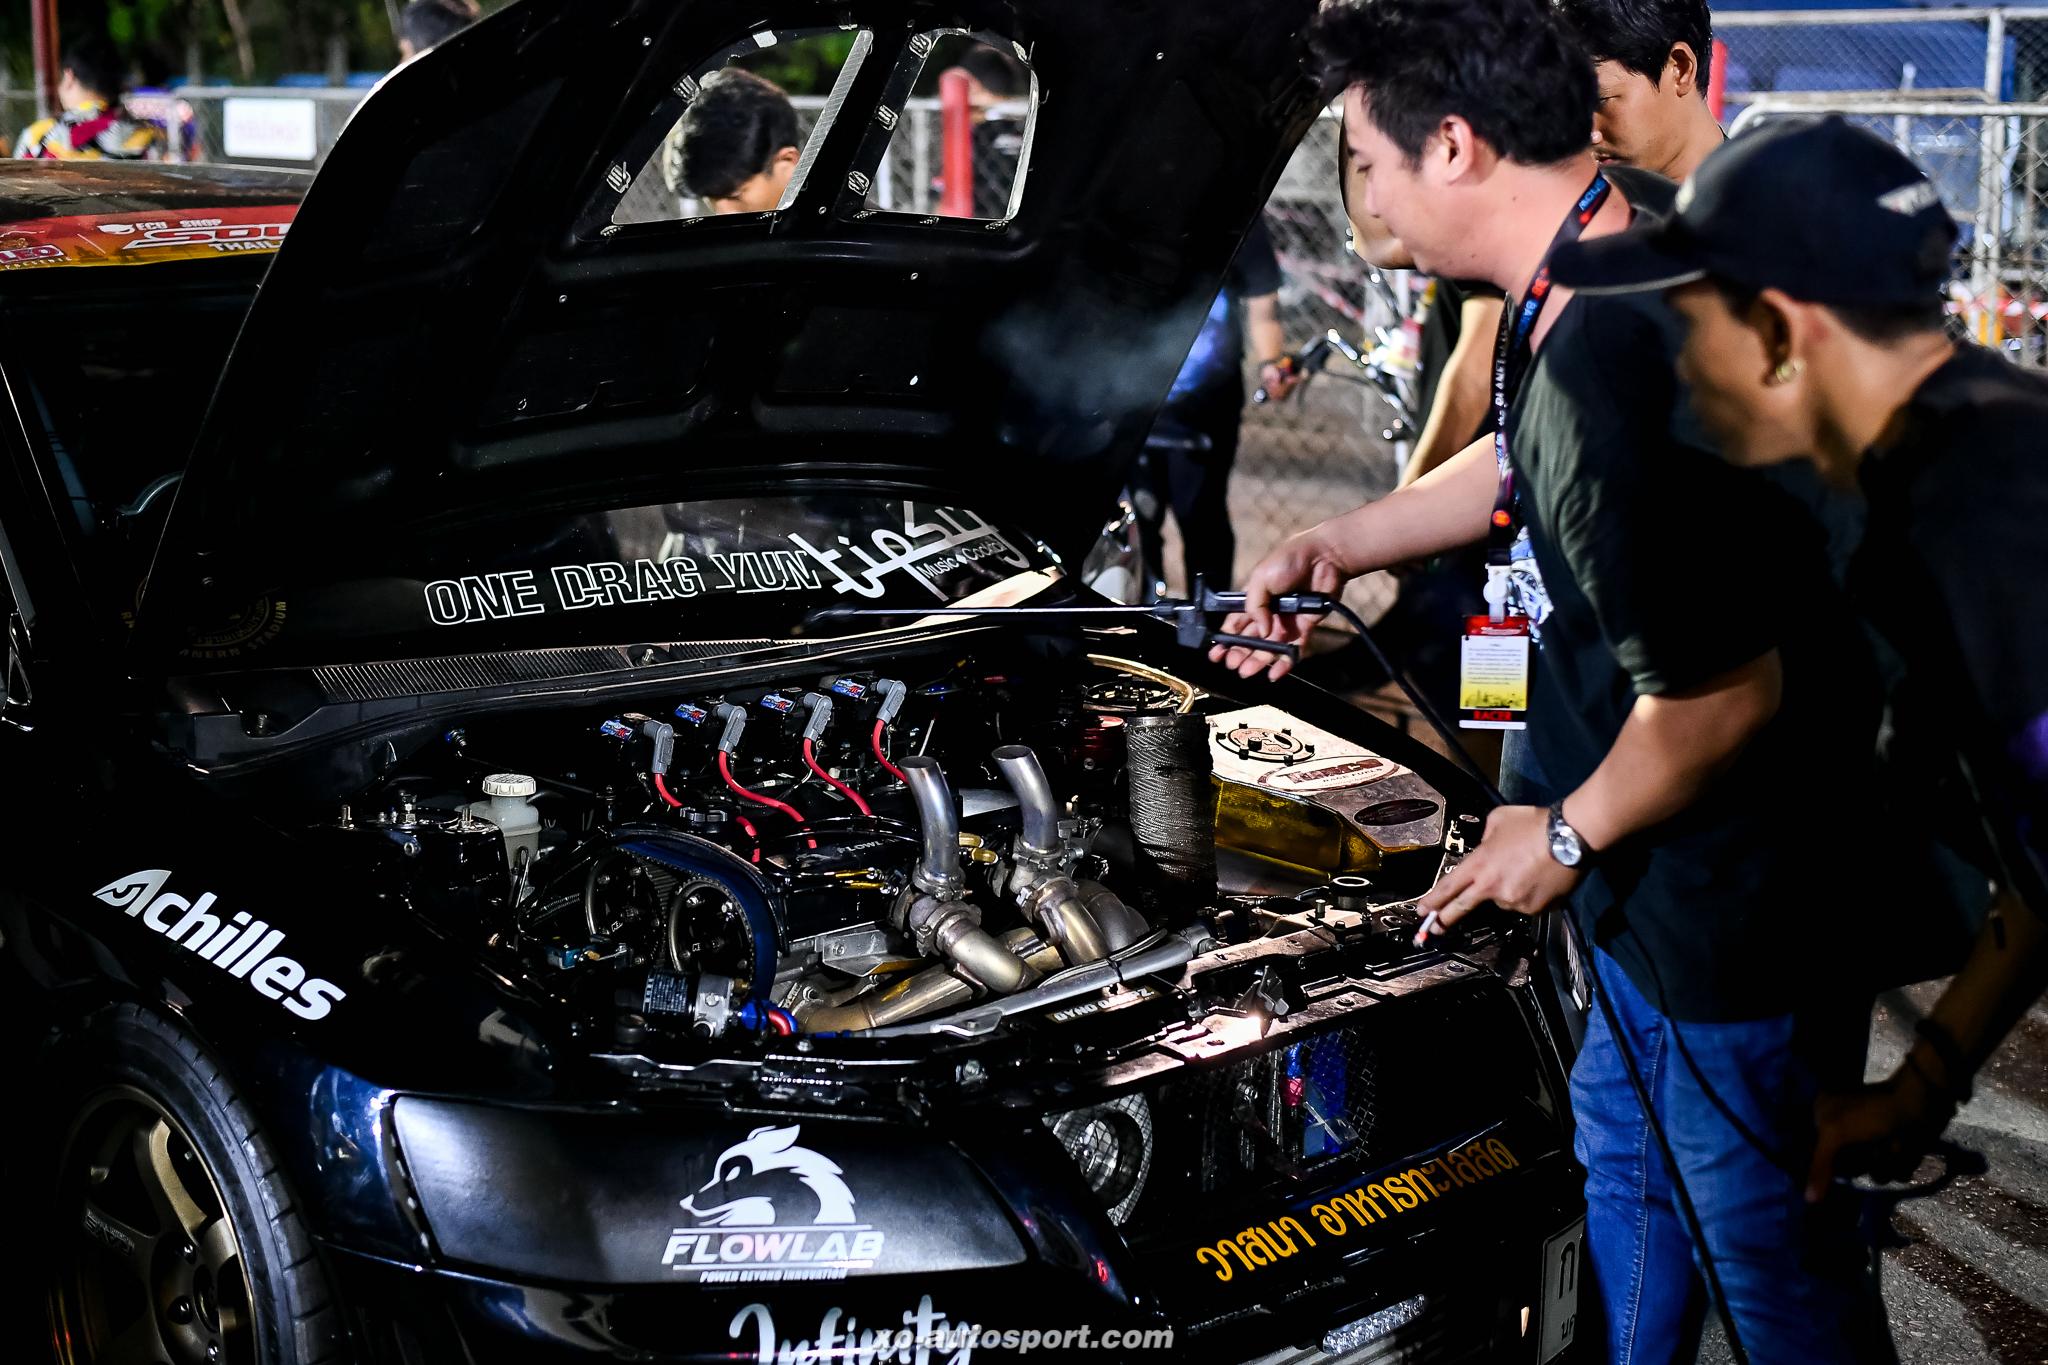 Mactec Super 4 4WD 18